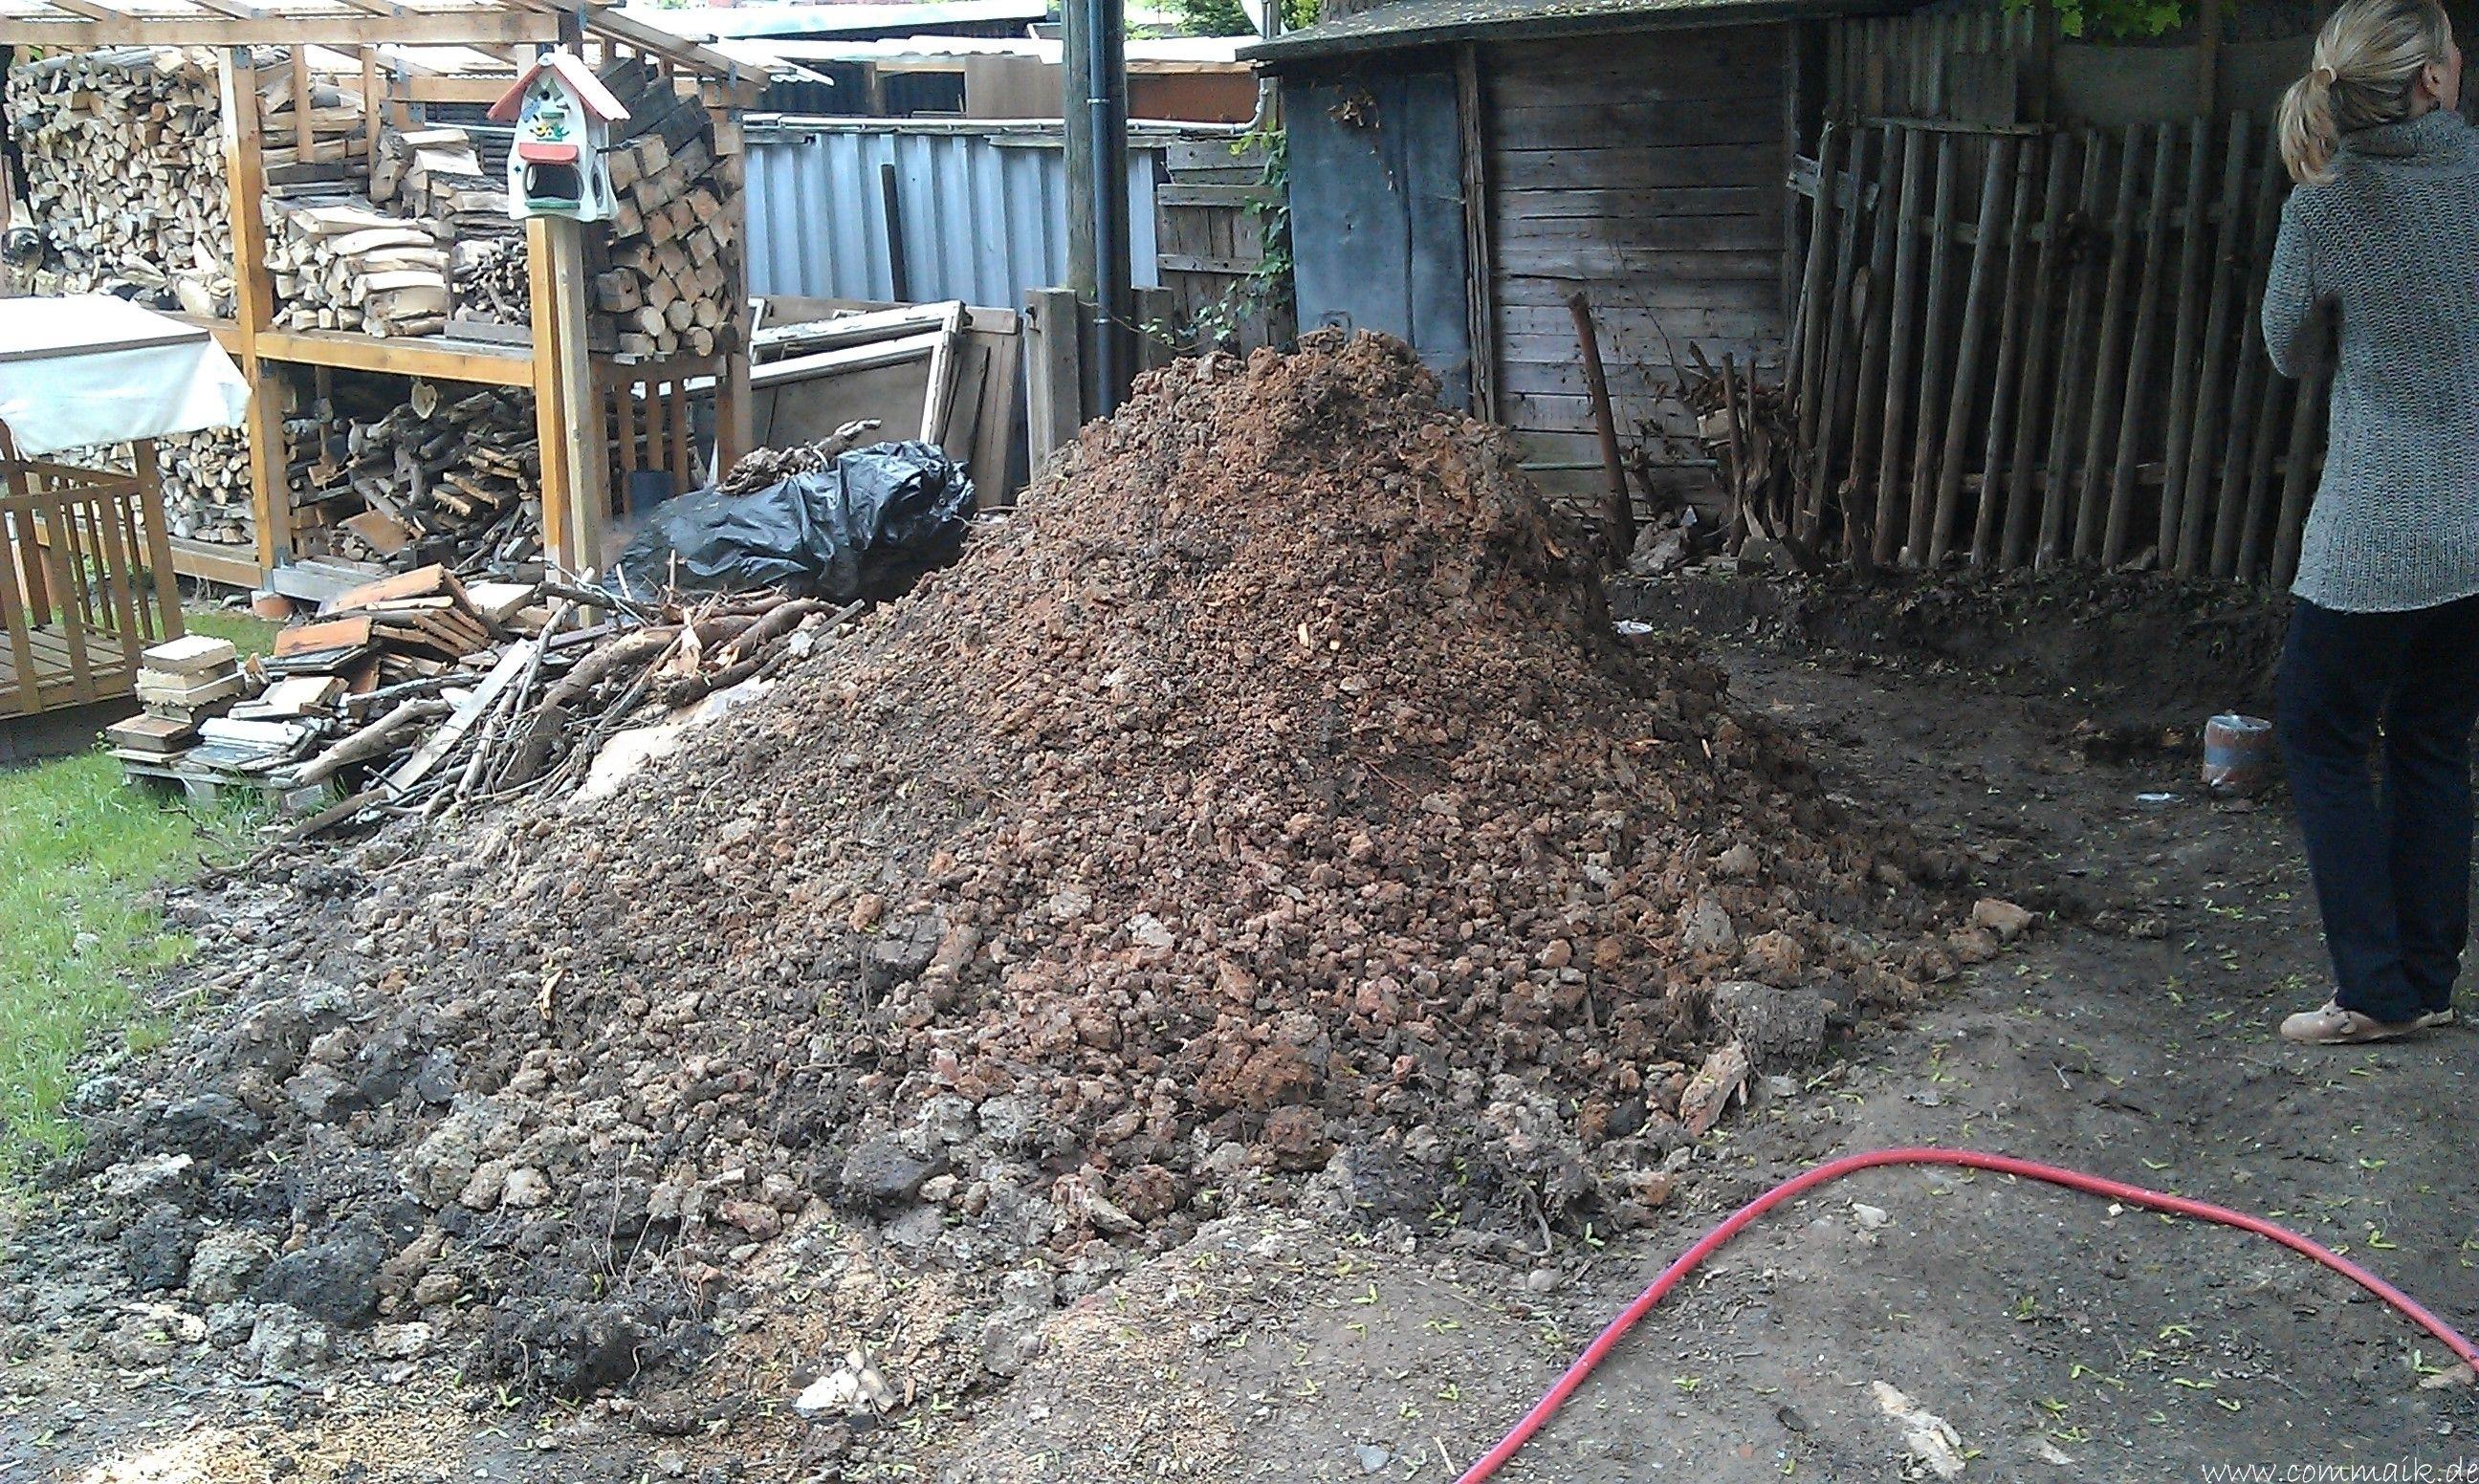 Das zweite Brennholzregal entsteht Brennholzregal, Regal